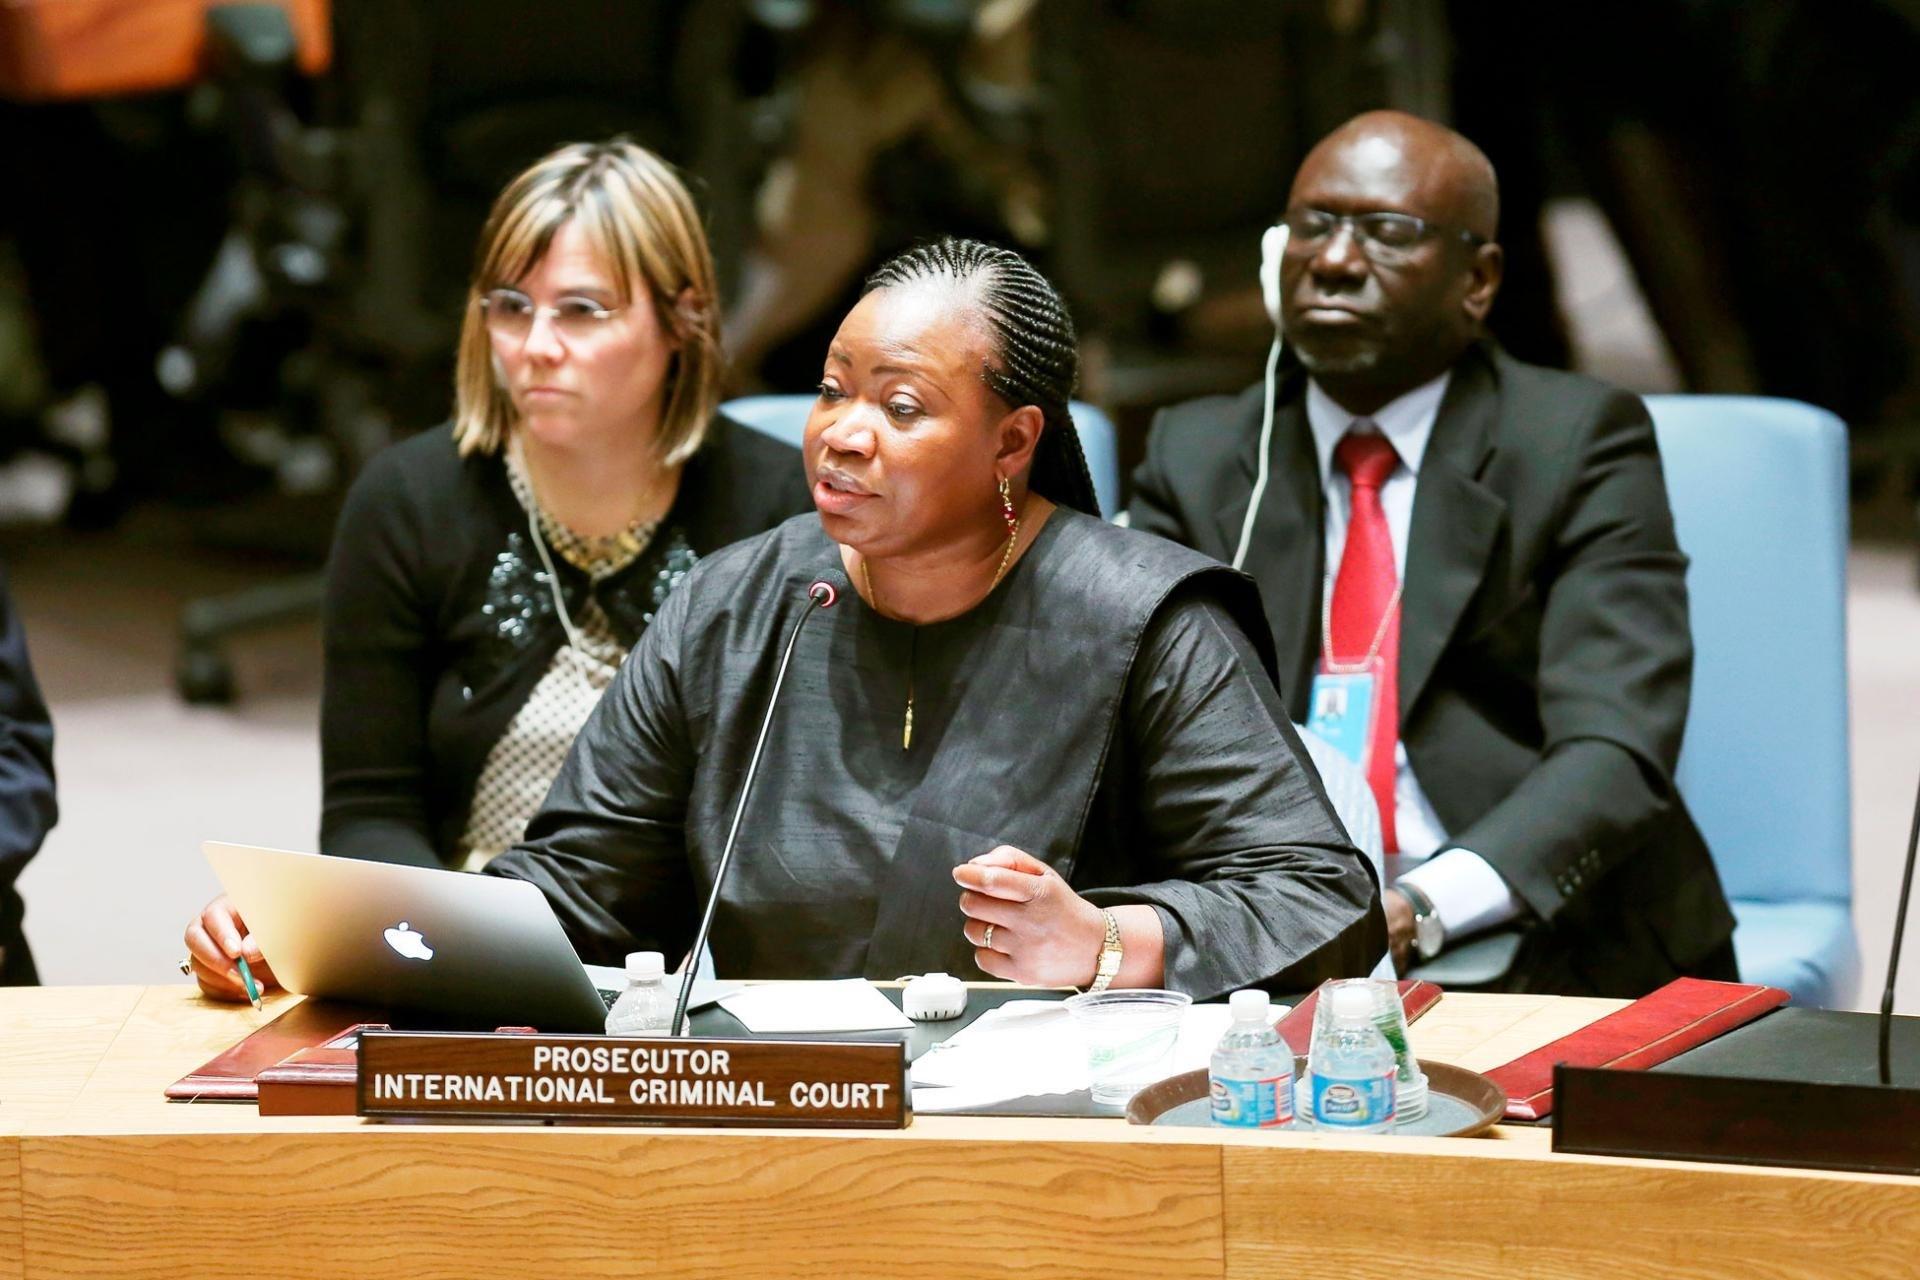 """المحكمة الجنائية الدولية تتهم """"إسرائيل"""" بشنّ حملة تشويه ضدّها"""